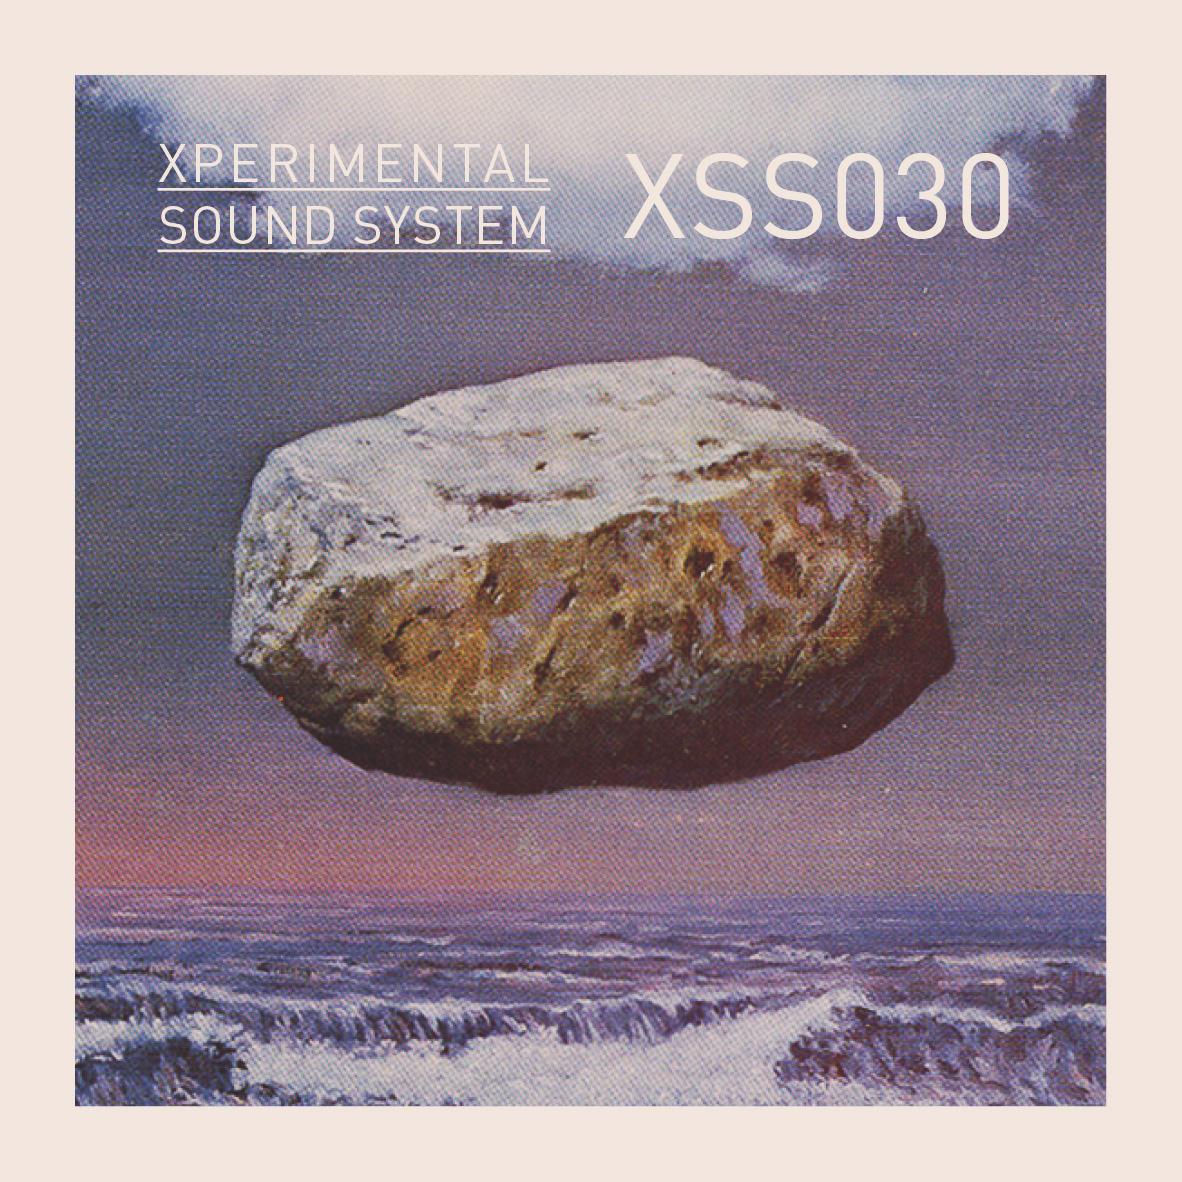 XSS030